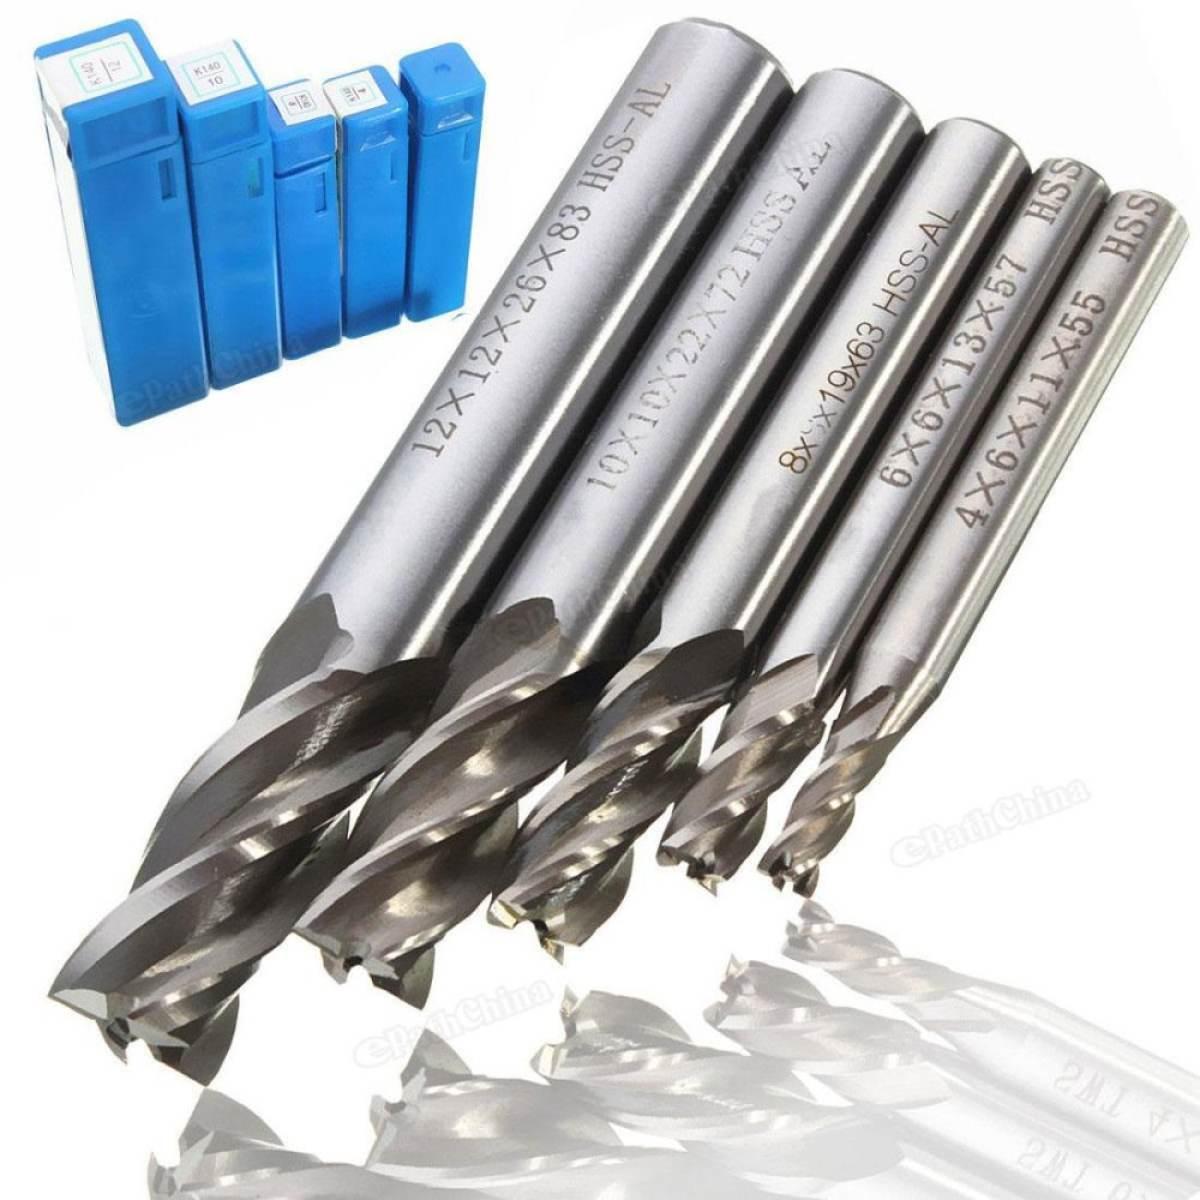 Bộ 5 dao cắt nhôm Alu CNC 4,6,8,10,12 mm 4 lưỡi